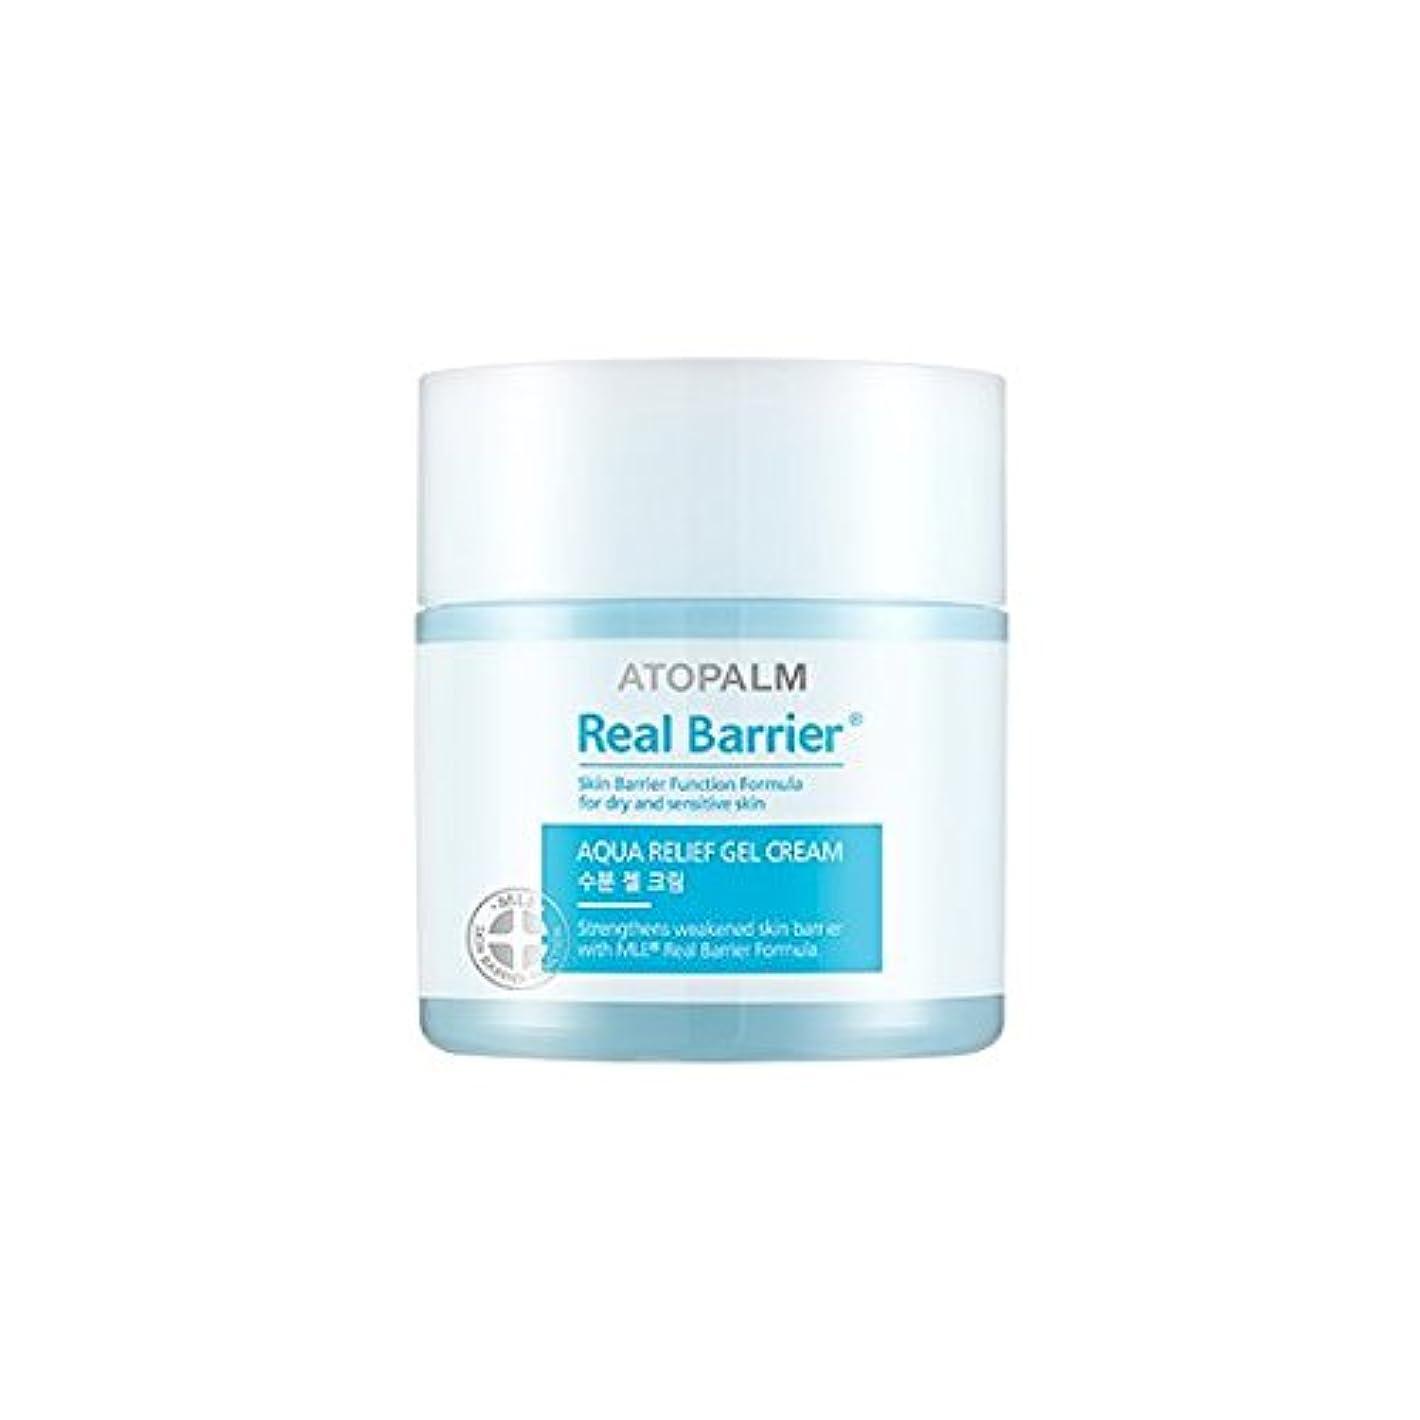 ATOPALM Real Barrier Aqua Relief Gel Cream 50ml/アトパーム リアル バリア アクア リリーフ ジェル クリーム 50ml [並行輸入品]